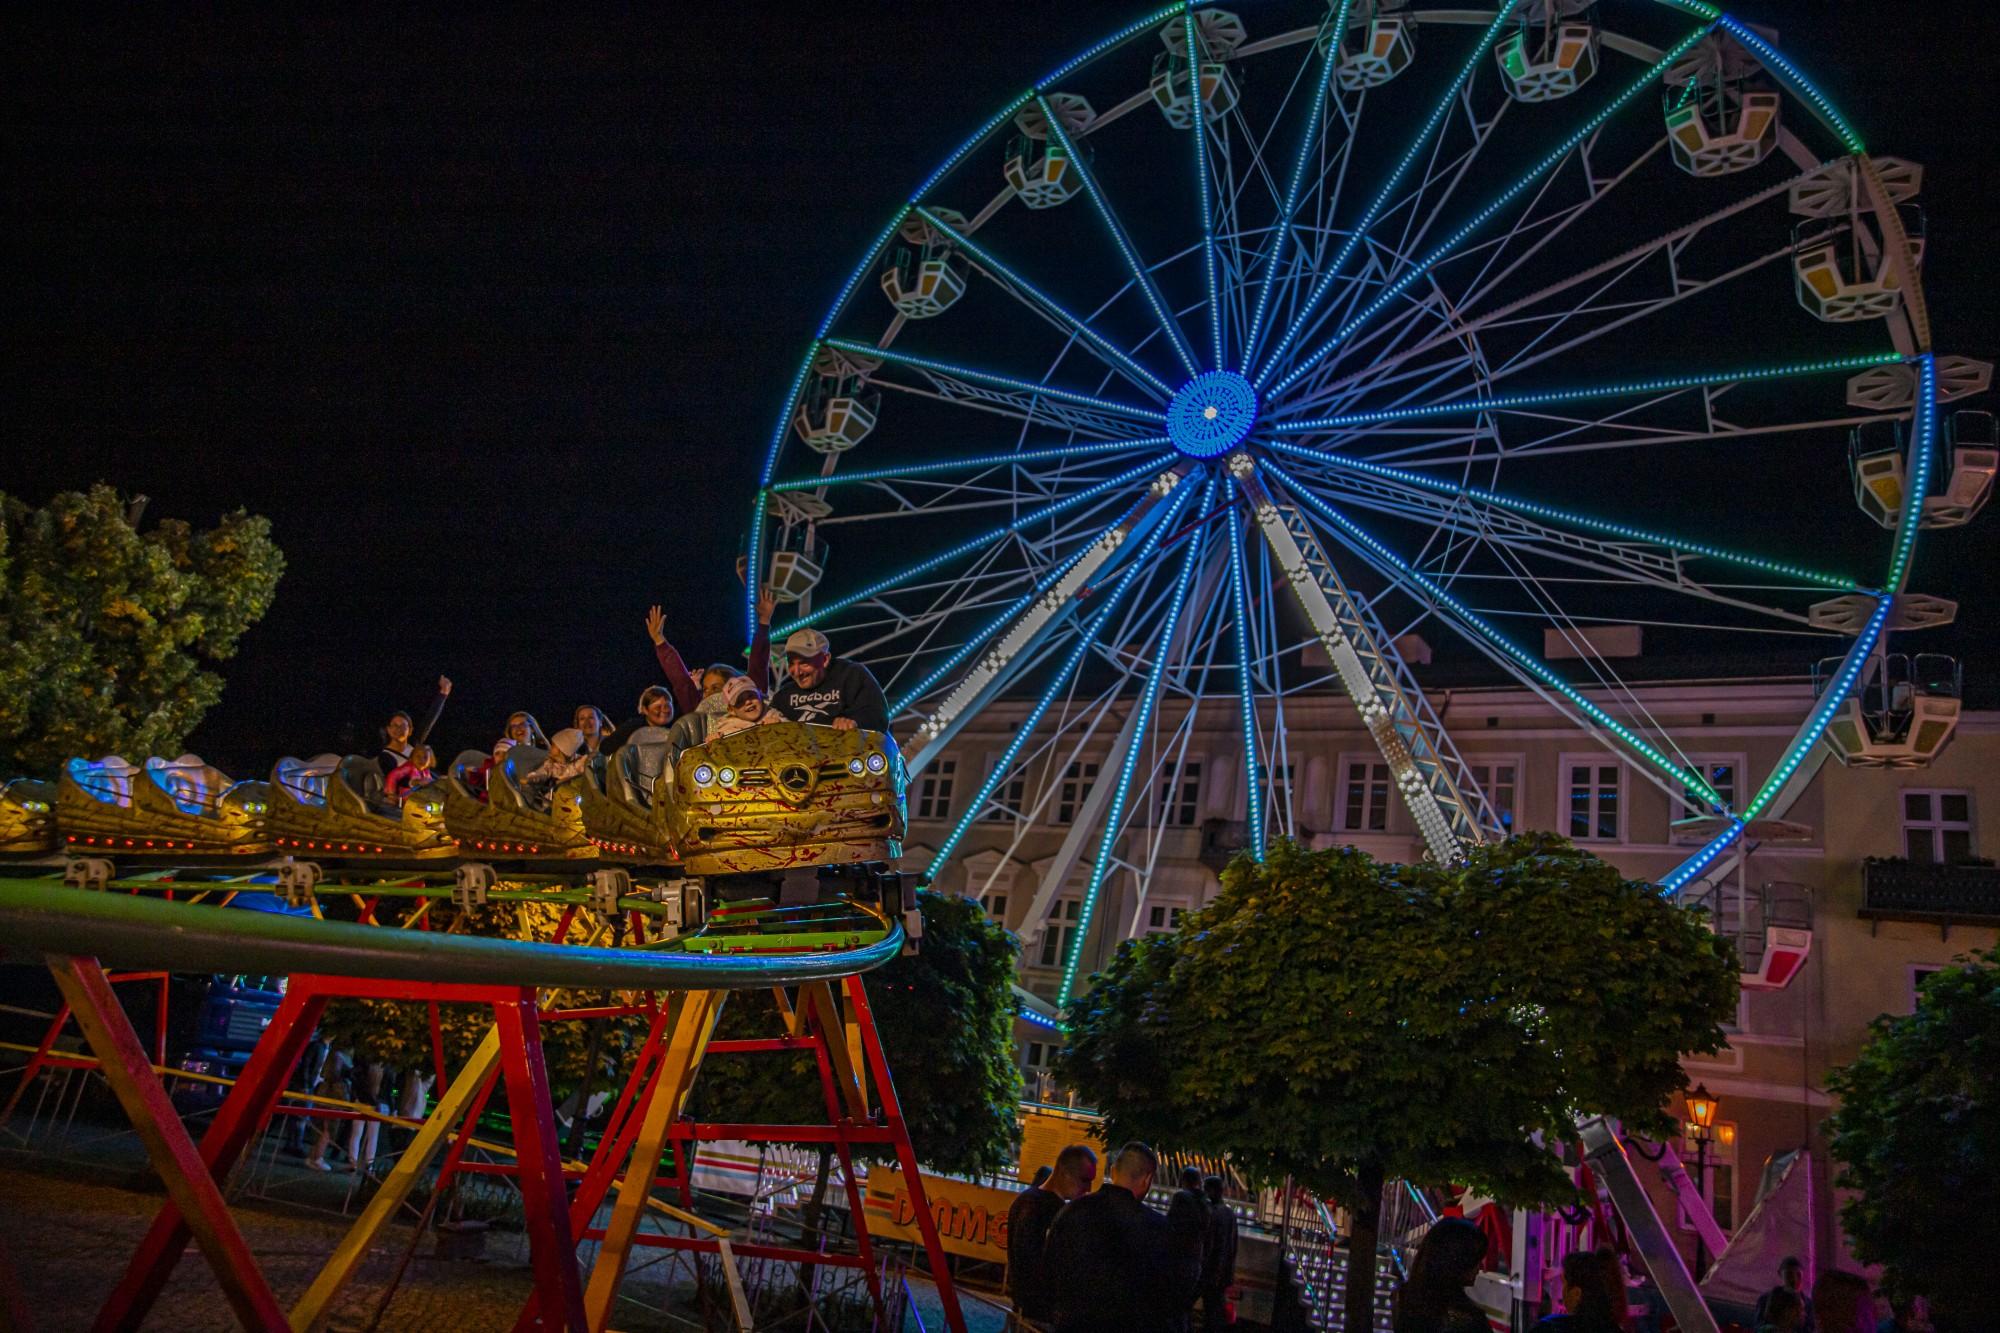 Nocą lunapark ma najlepszy klimat! Zobacz naszą galerię [ZDJĘCIA/WIDEO] - Zdjęcie główne